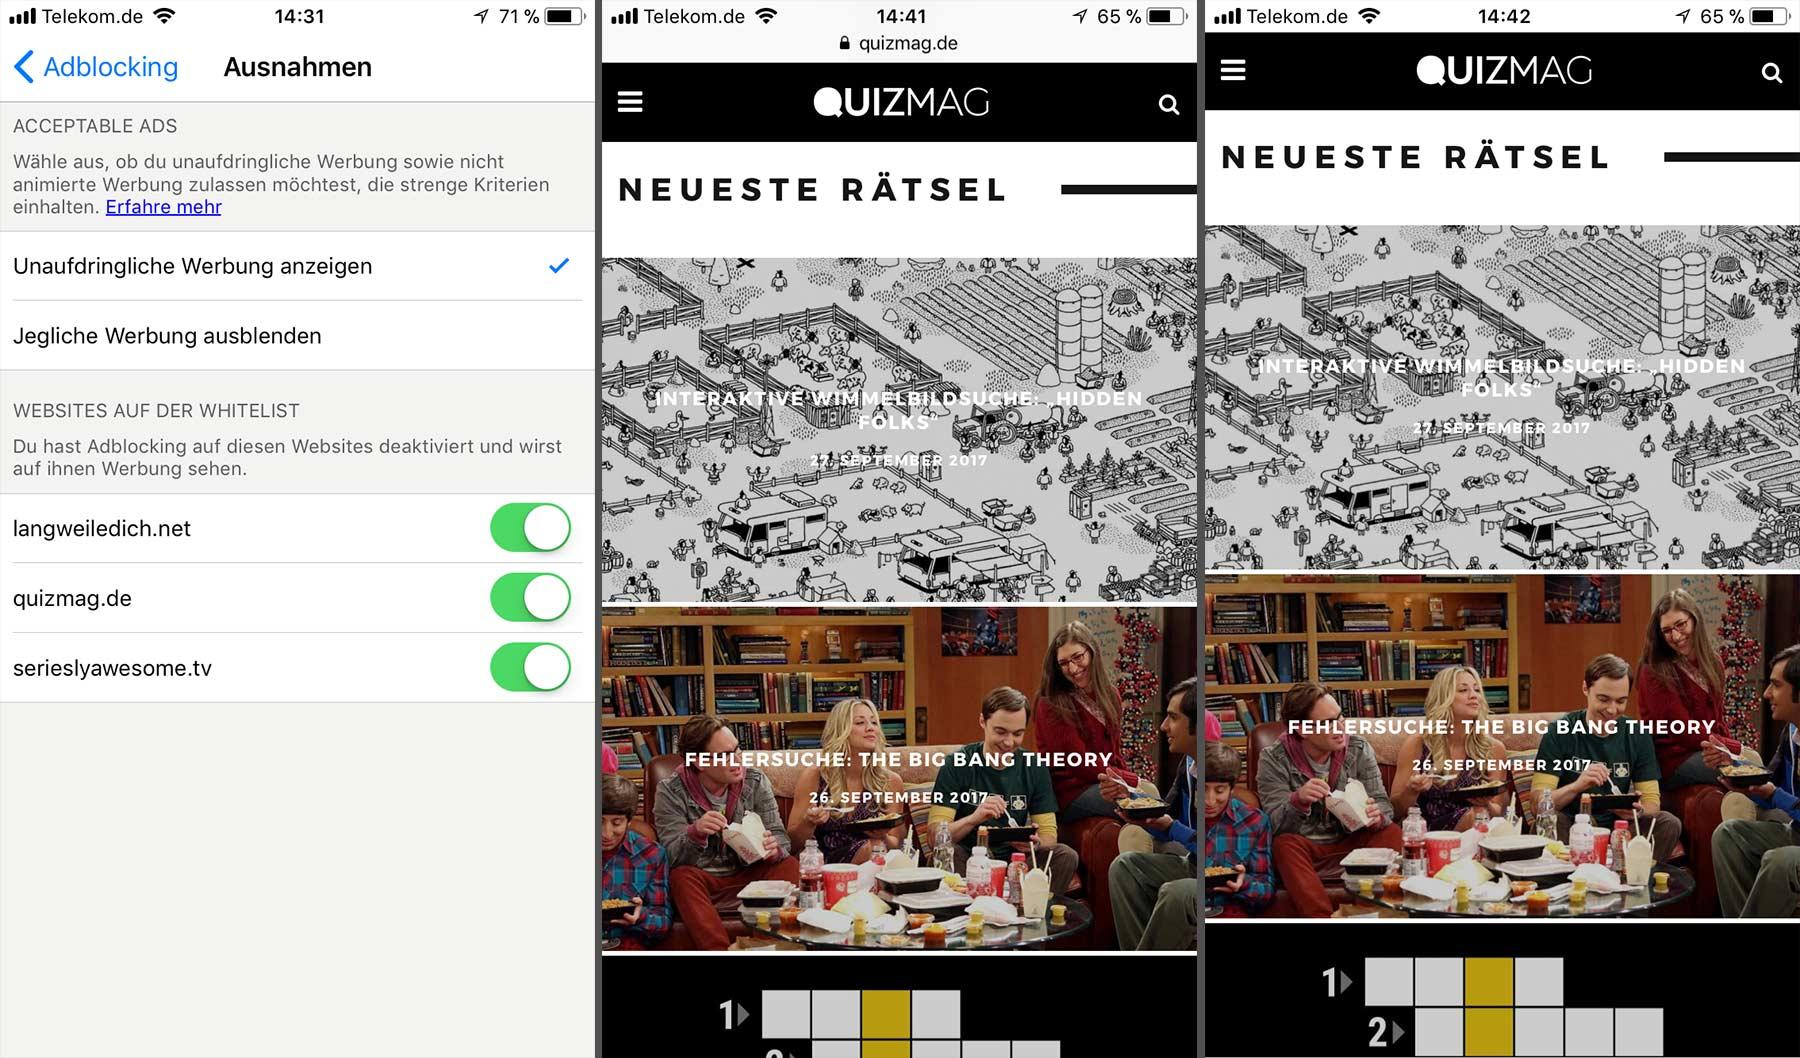 Werbefrei mobil surfen mit dem Adblock Browser 2.0 Adblock-Browser-Test_11